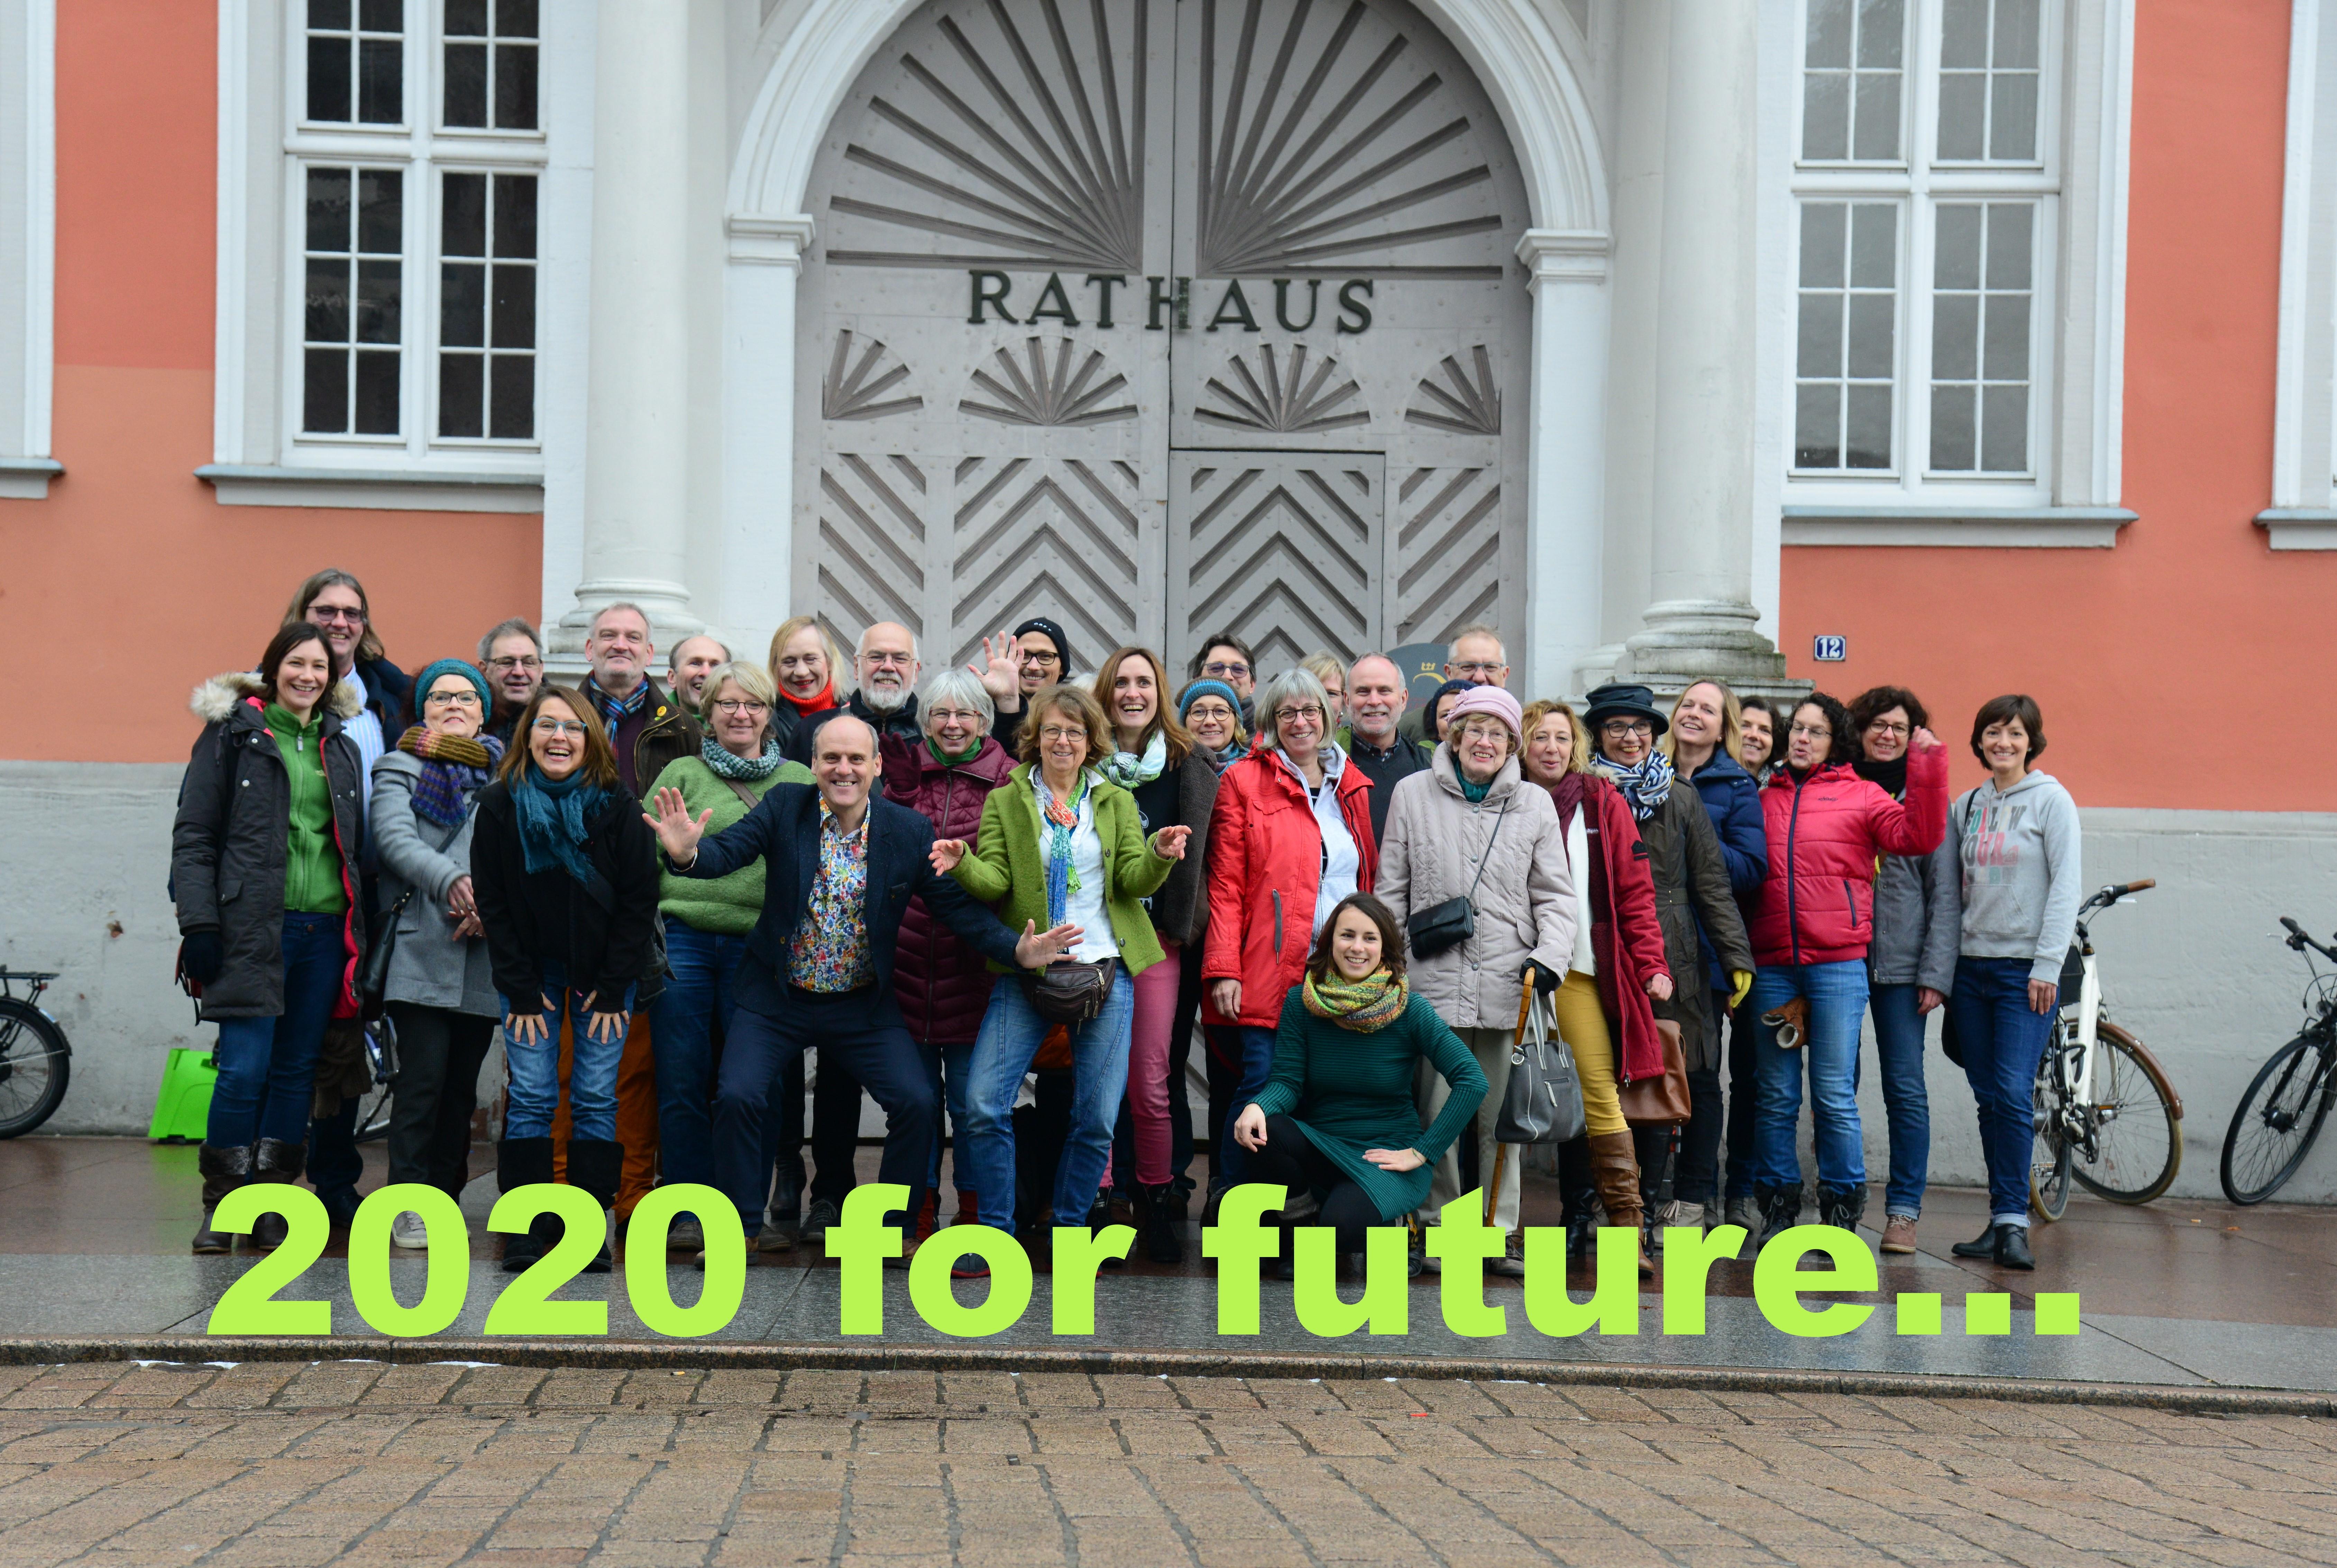 2020 for future